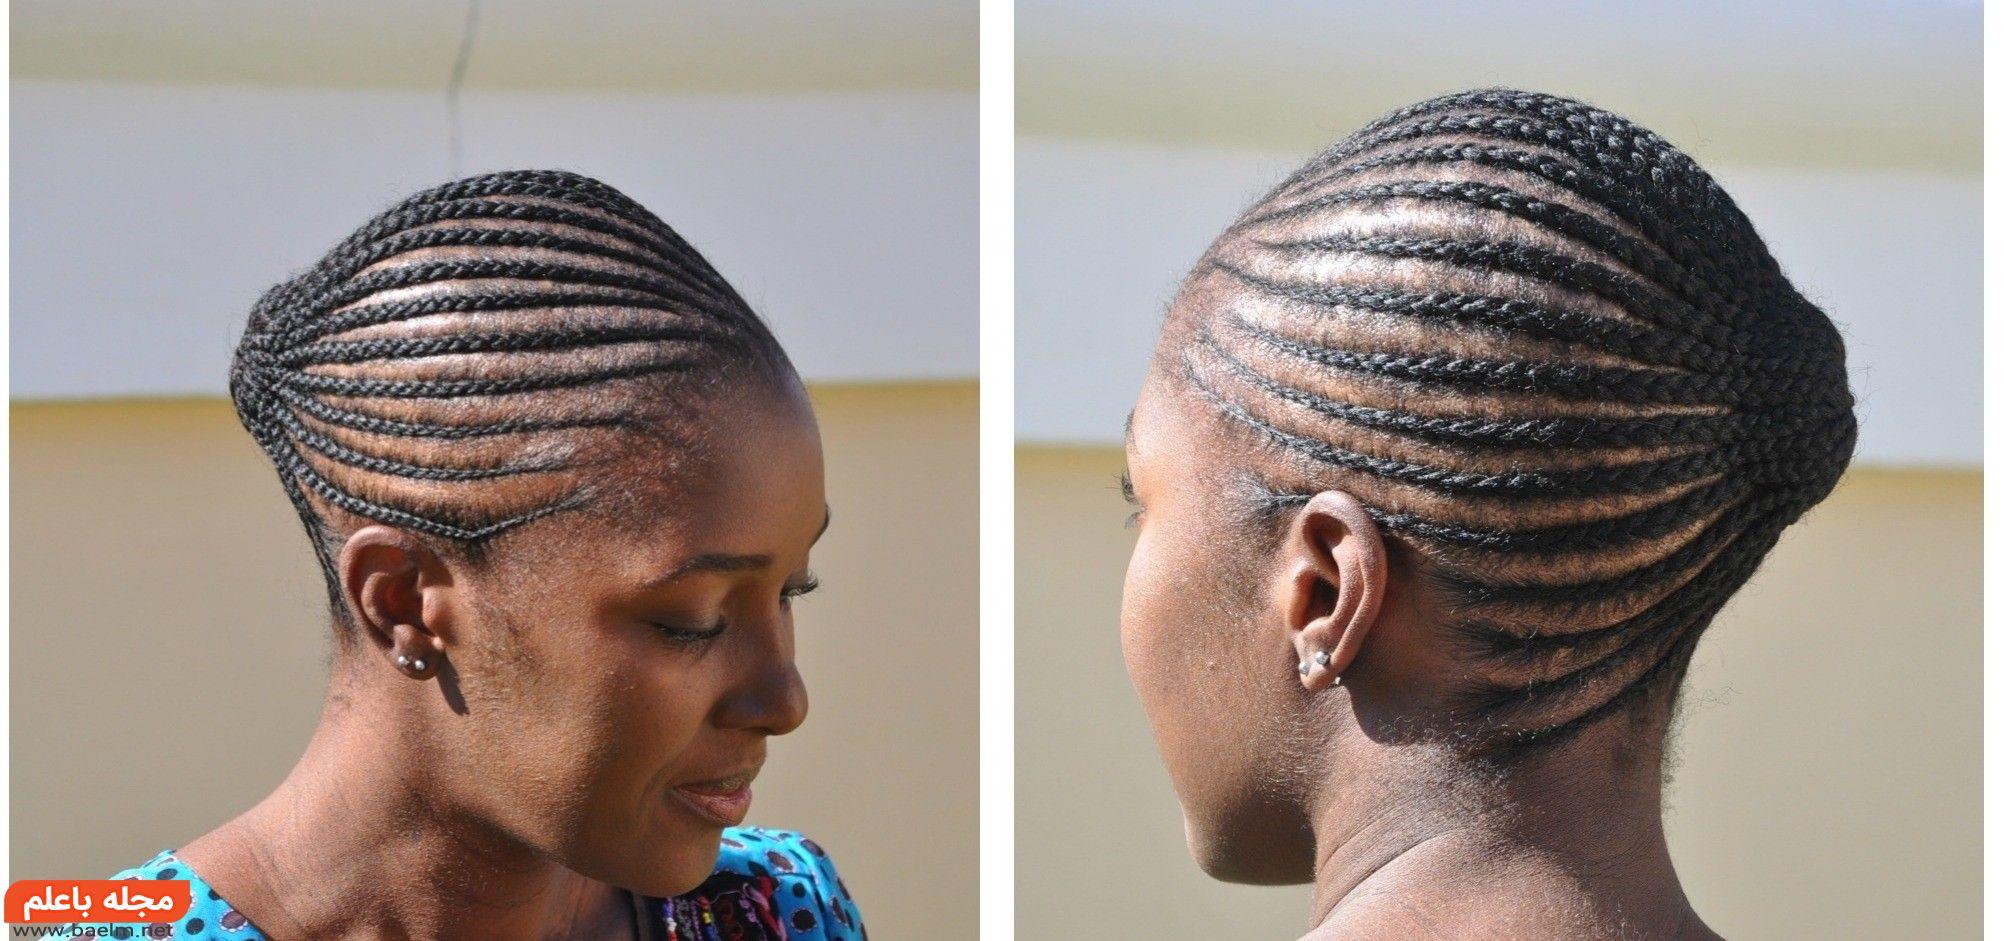 مدل موی باز و بسته دخترانه برای عروسی